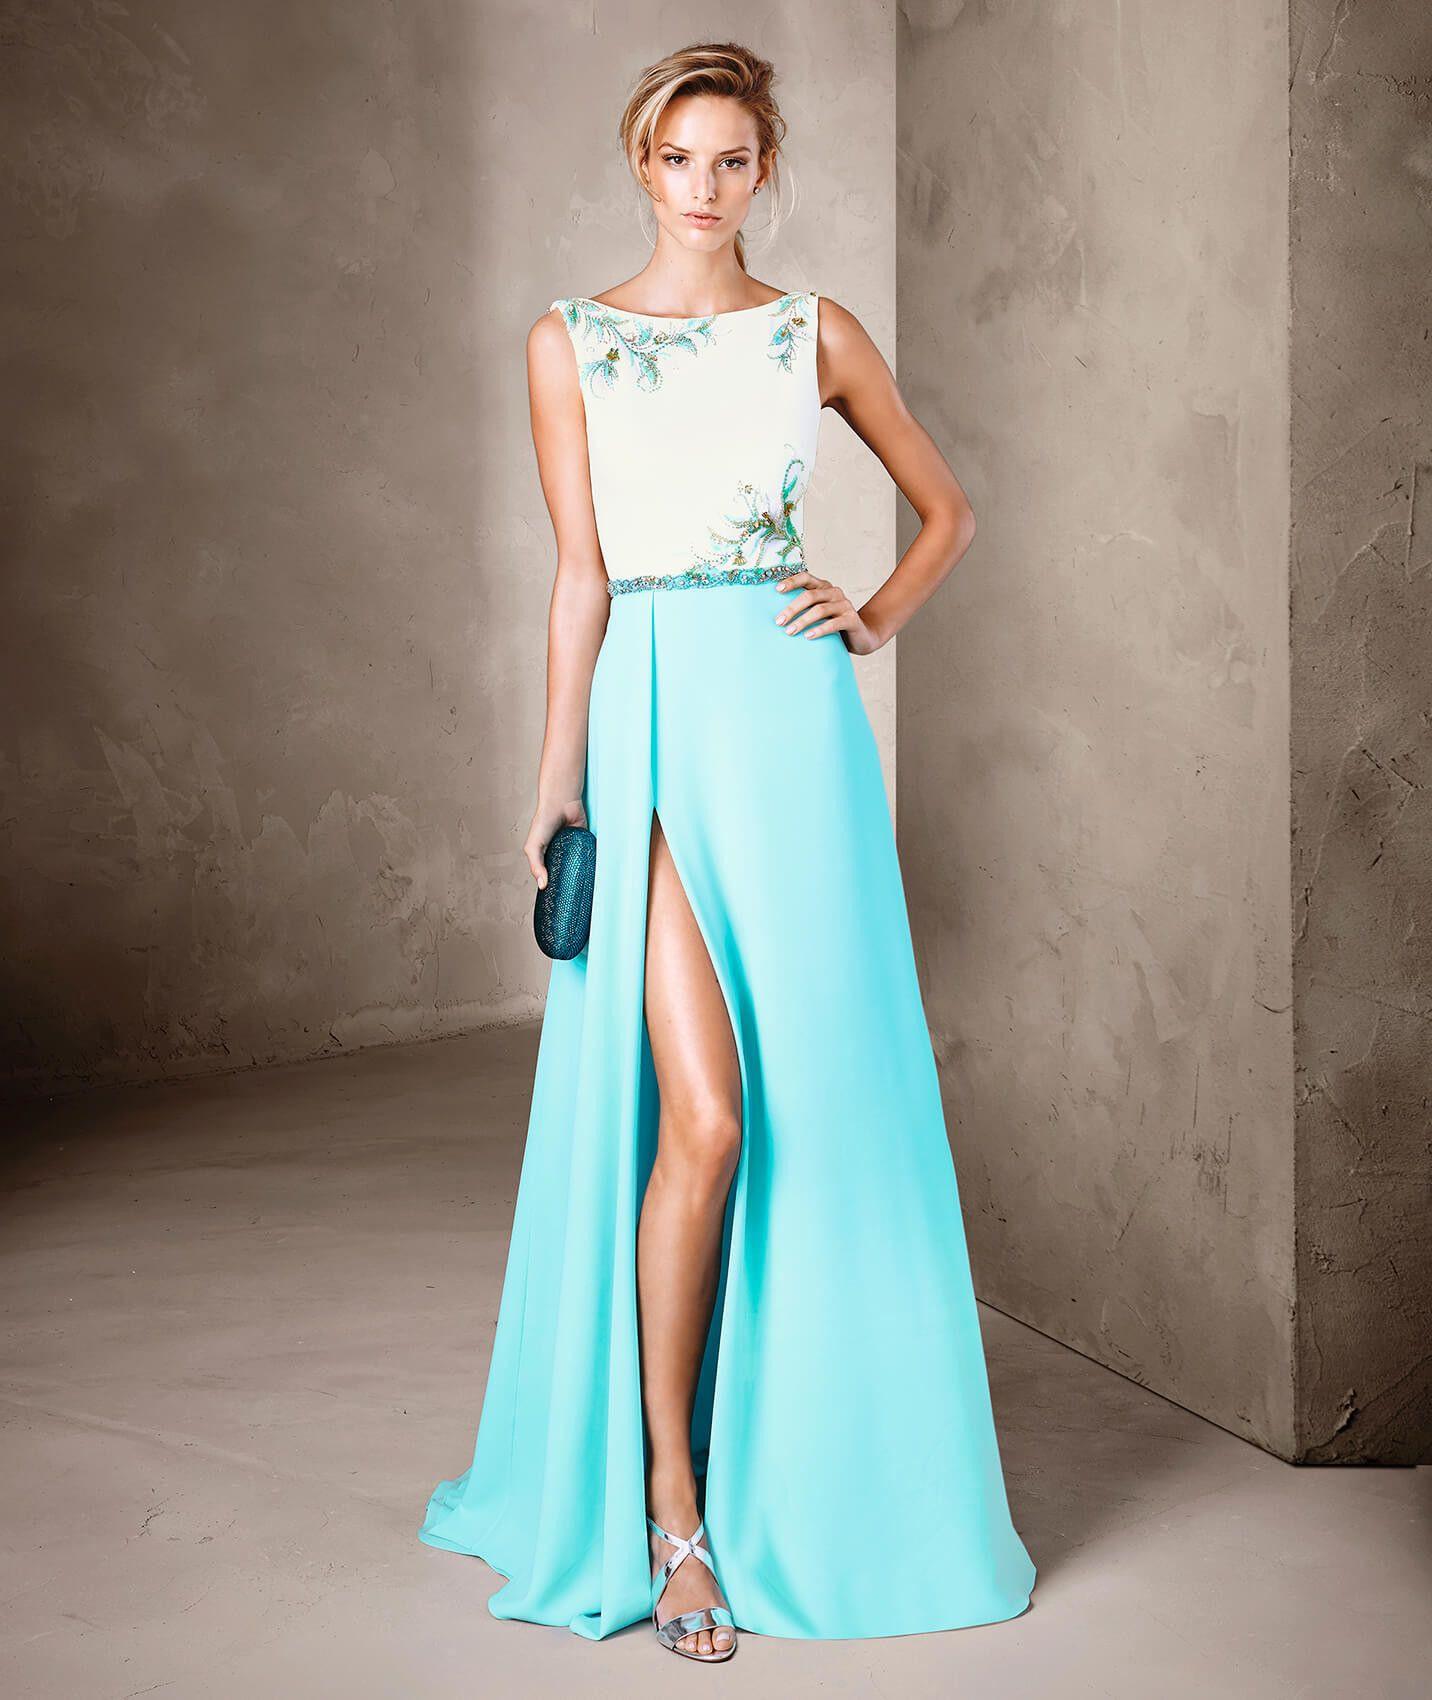 Abend Ausgezeichnet Edle Kleider VertriebFormal Großartig Edle Kleider Galerie